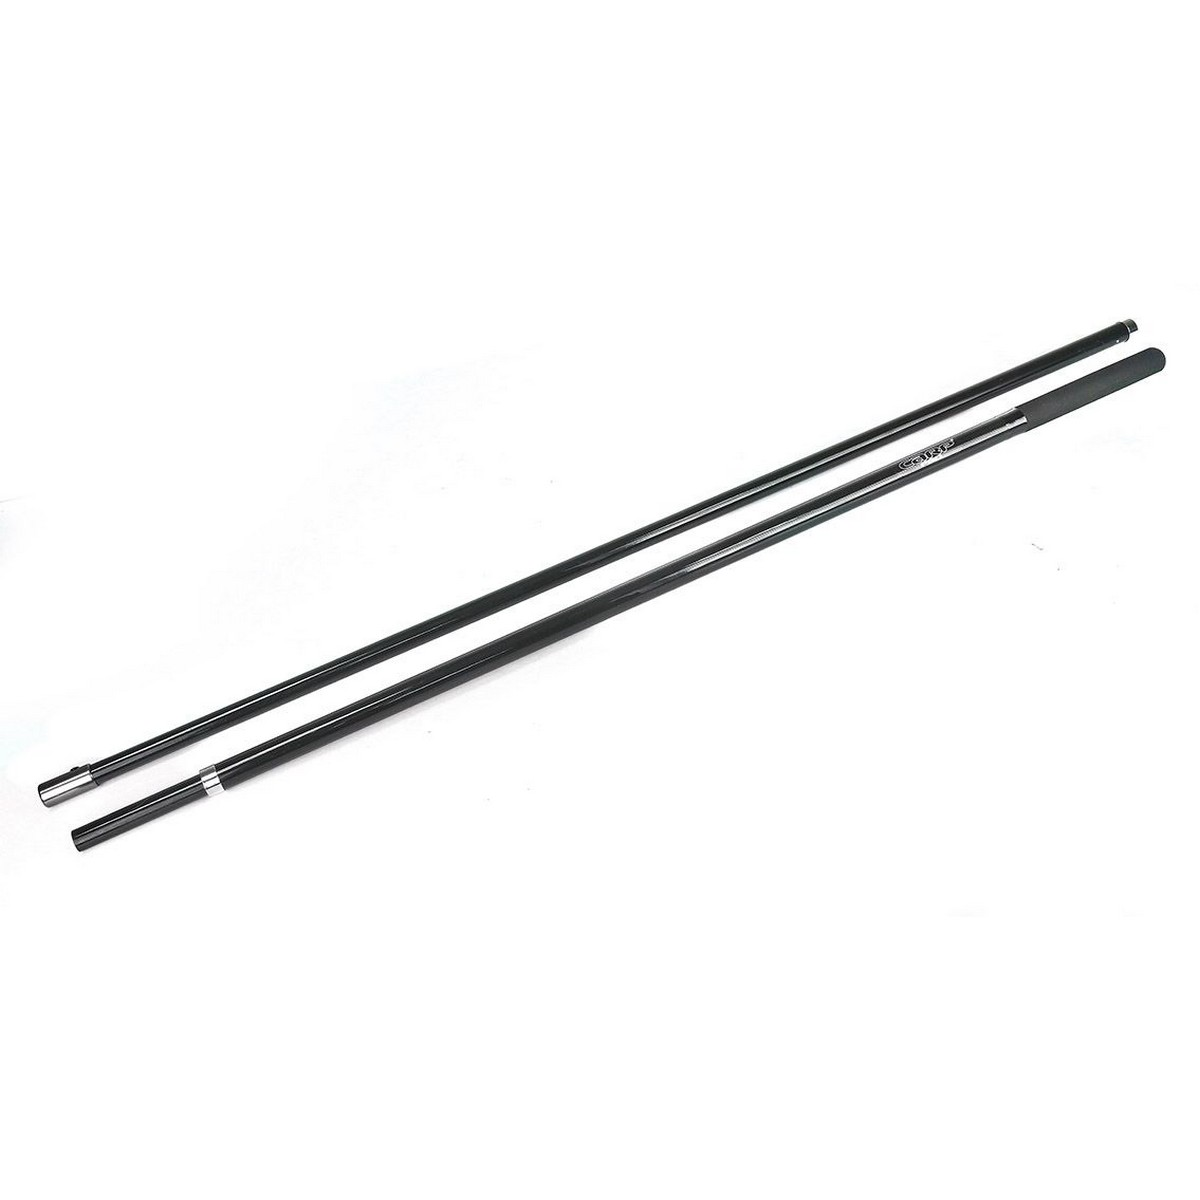 Дръжка за шарански кеп Carp Pro Carp Handle 1.80m 2 части